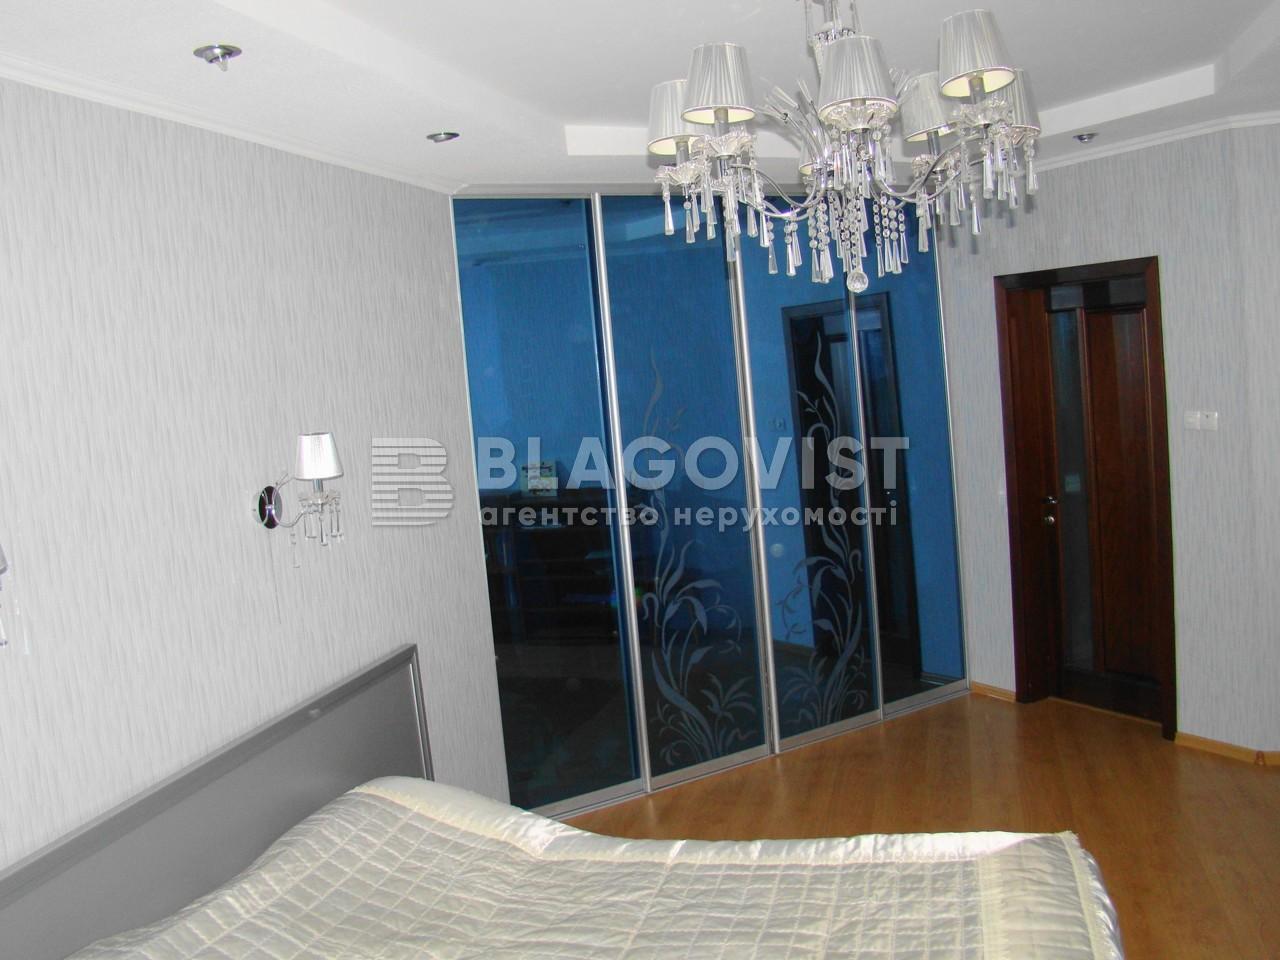 Квартира G-29012, Срибнокильская, 1, Киев - Фото 12